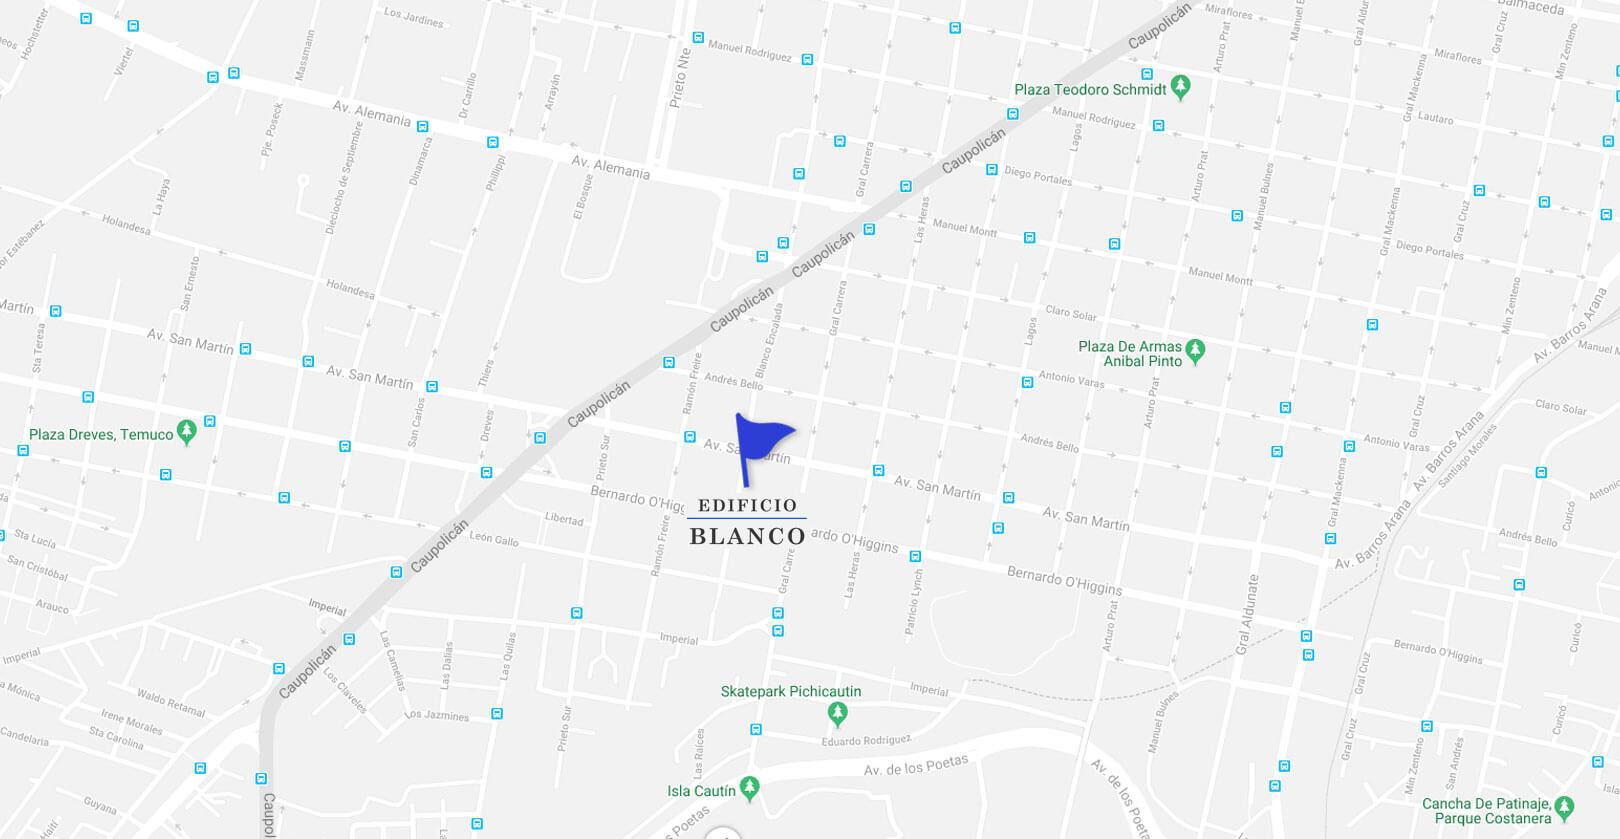 dubois-edificio-blanco-Mapa